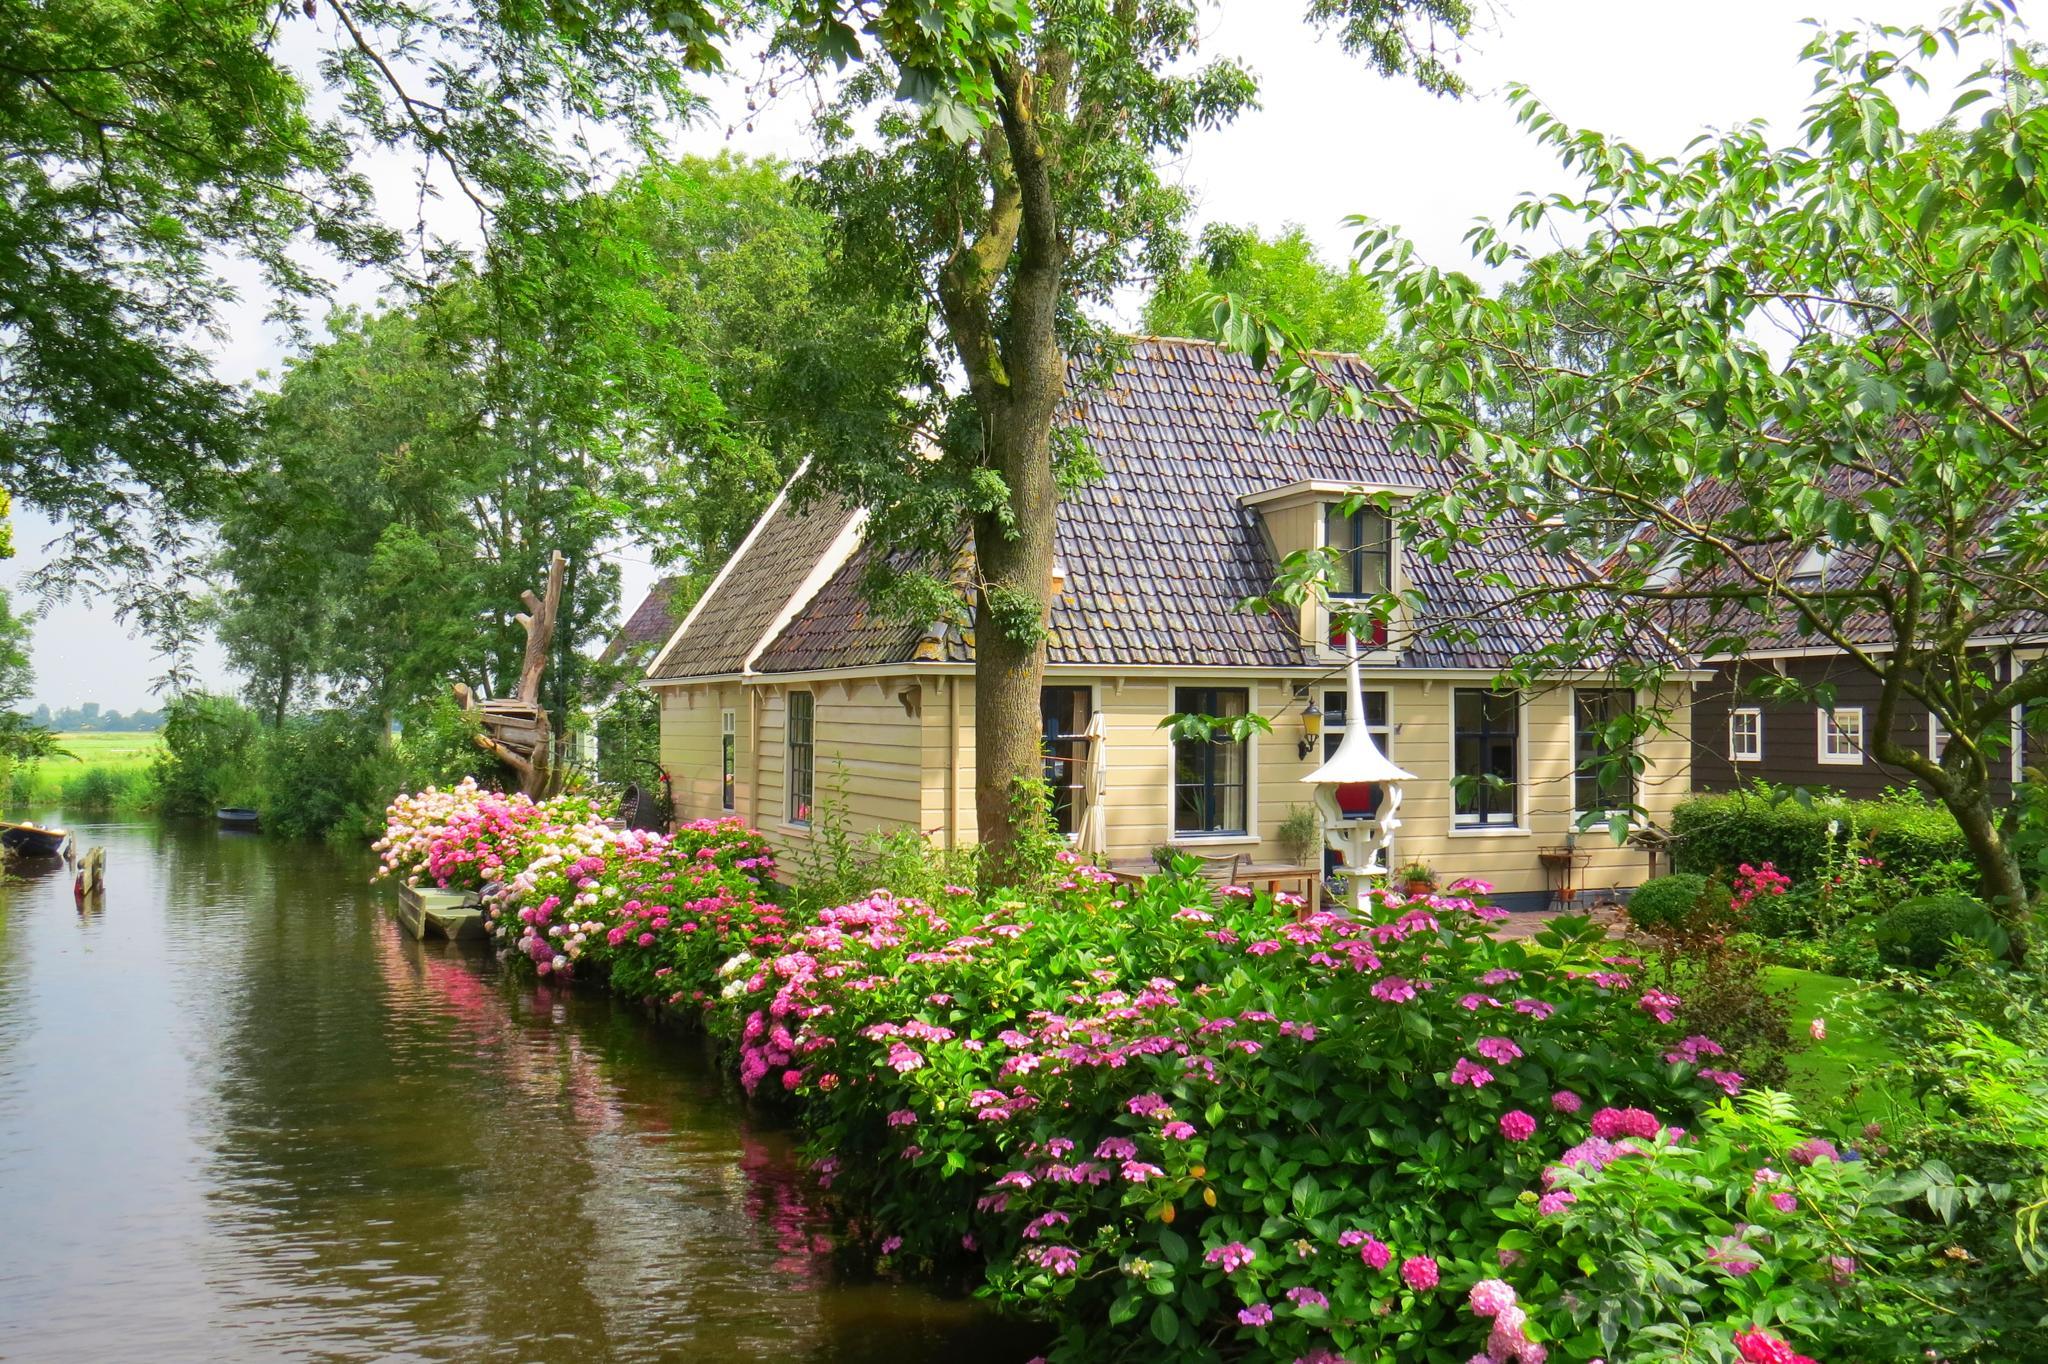 miasta Holandia Broek in waterland